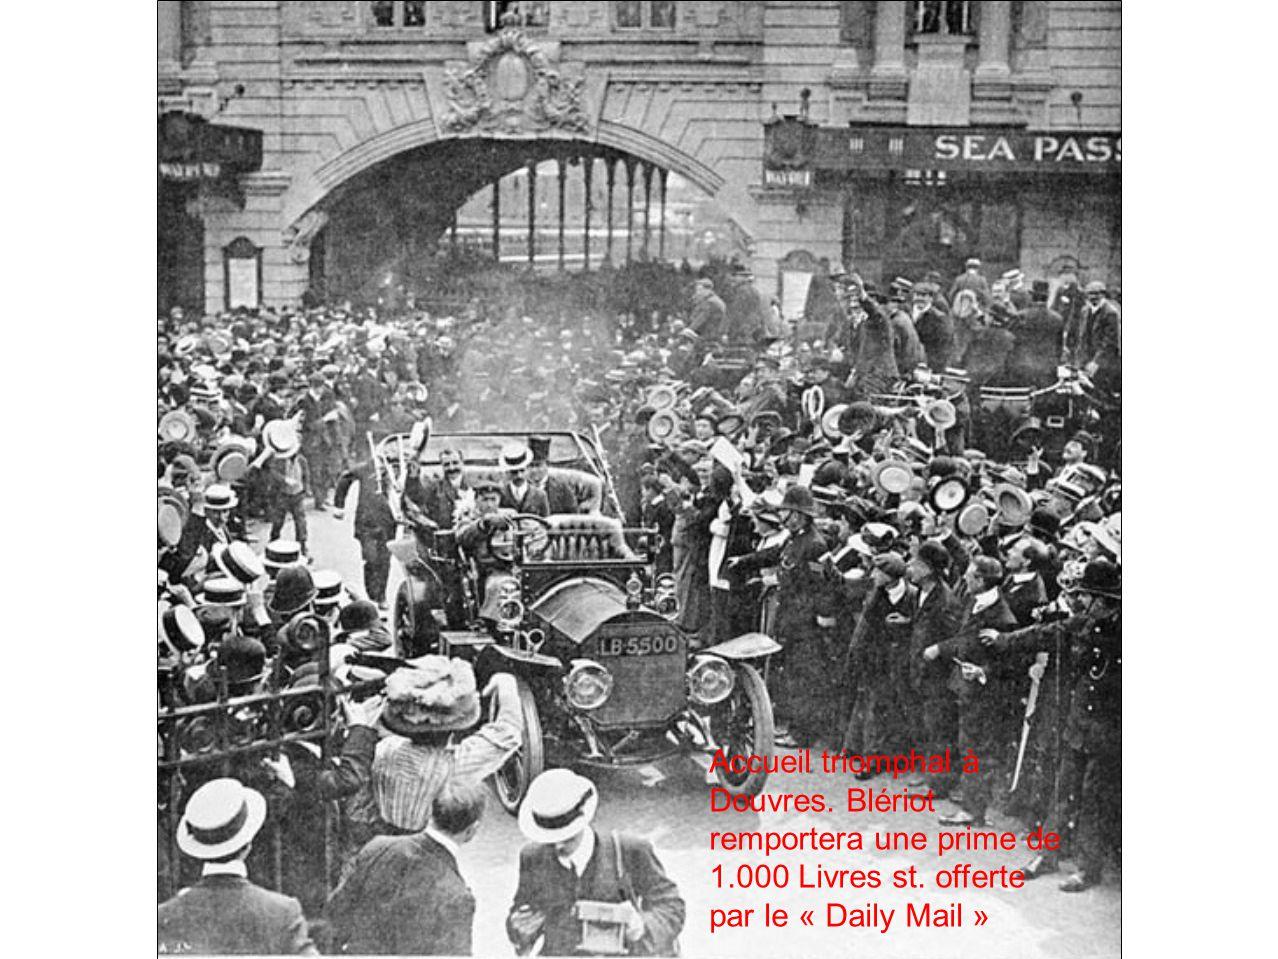 Accueil triomphal à Douvres. Blériot remportera une prime de 1